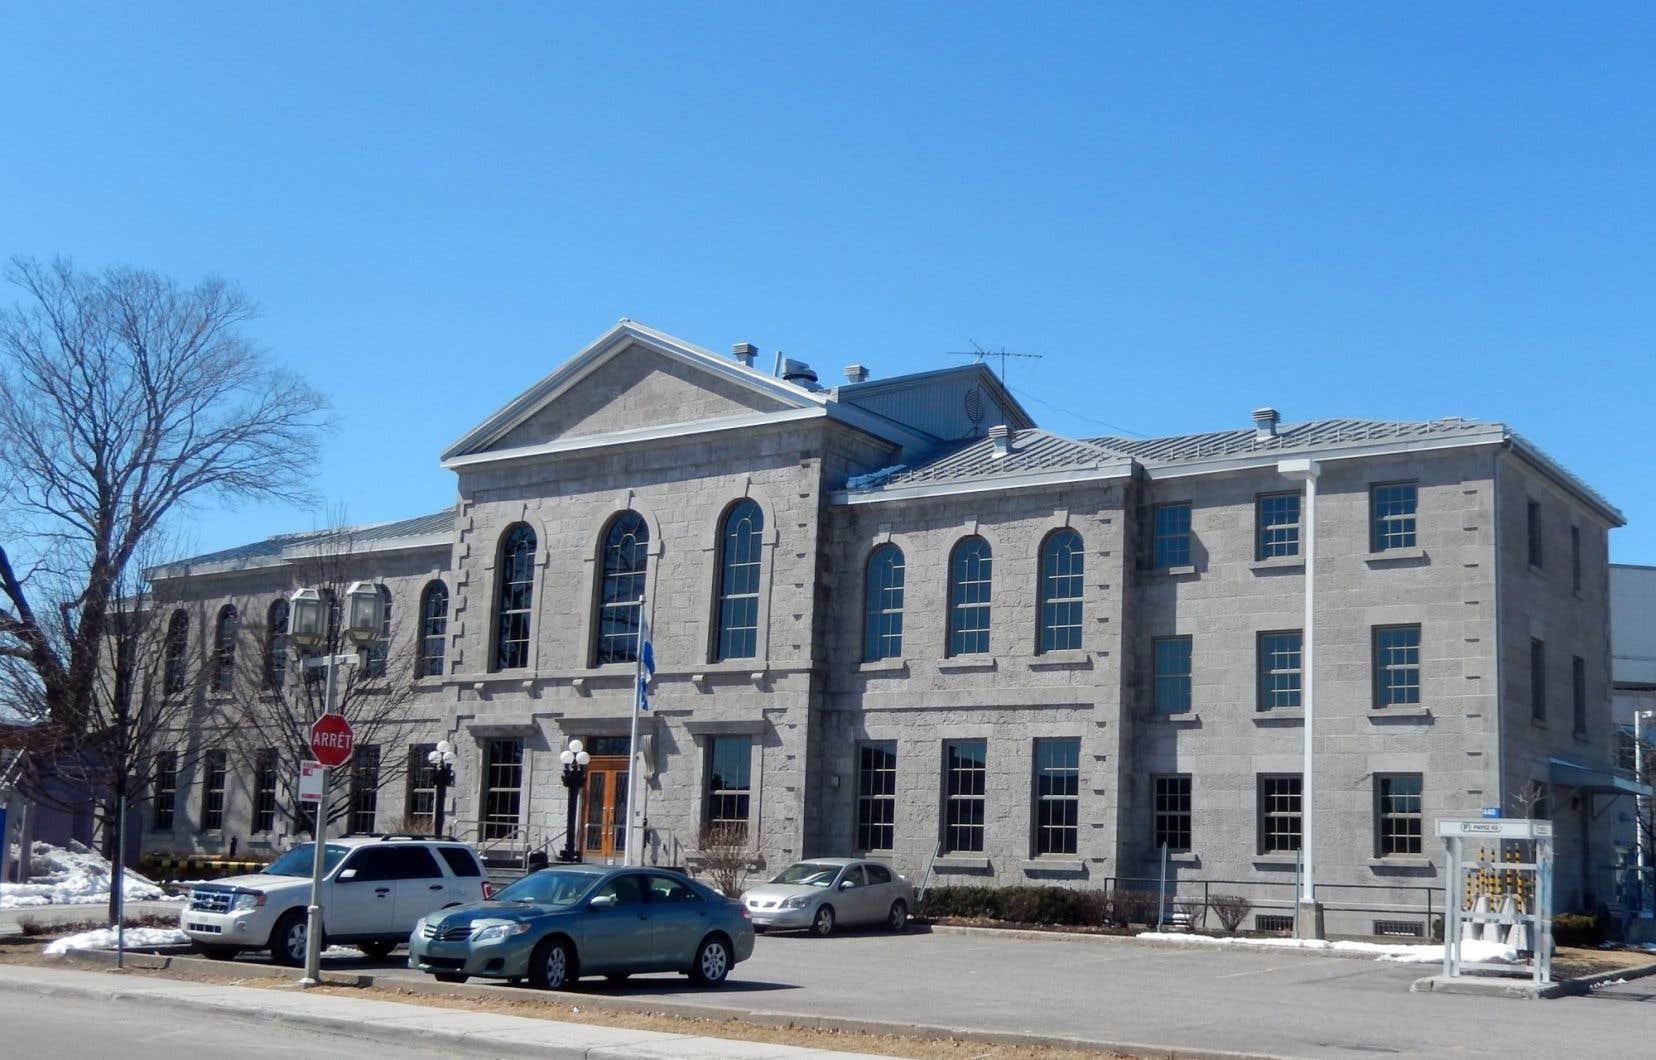 Le tribunal de Joliette est parmi les plus encombrés au Québec, ont indiqué plusieurs sources au «Devoir».